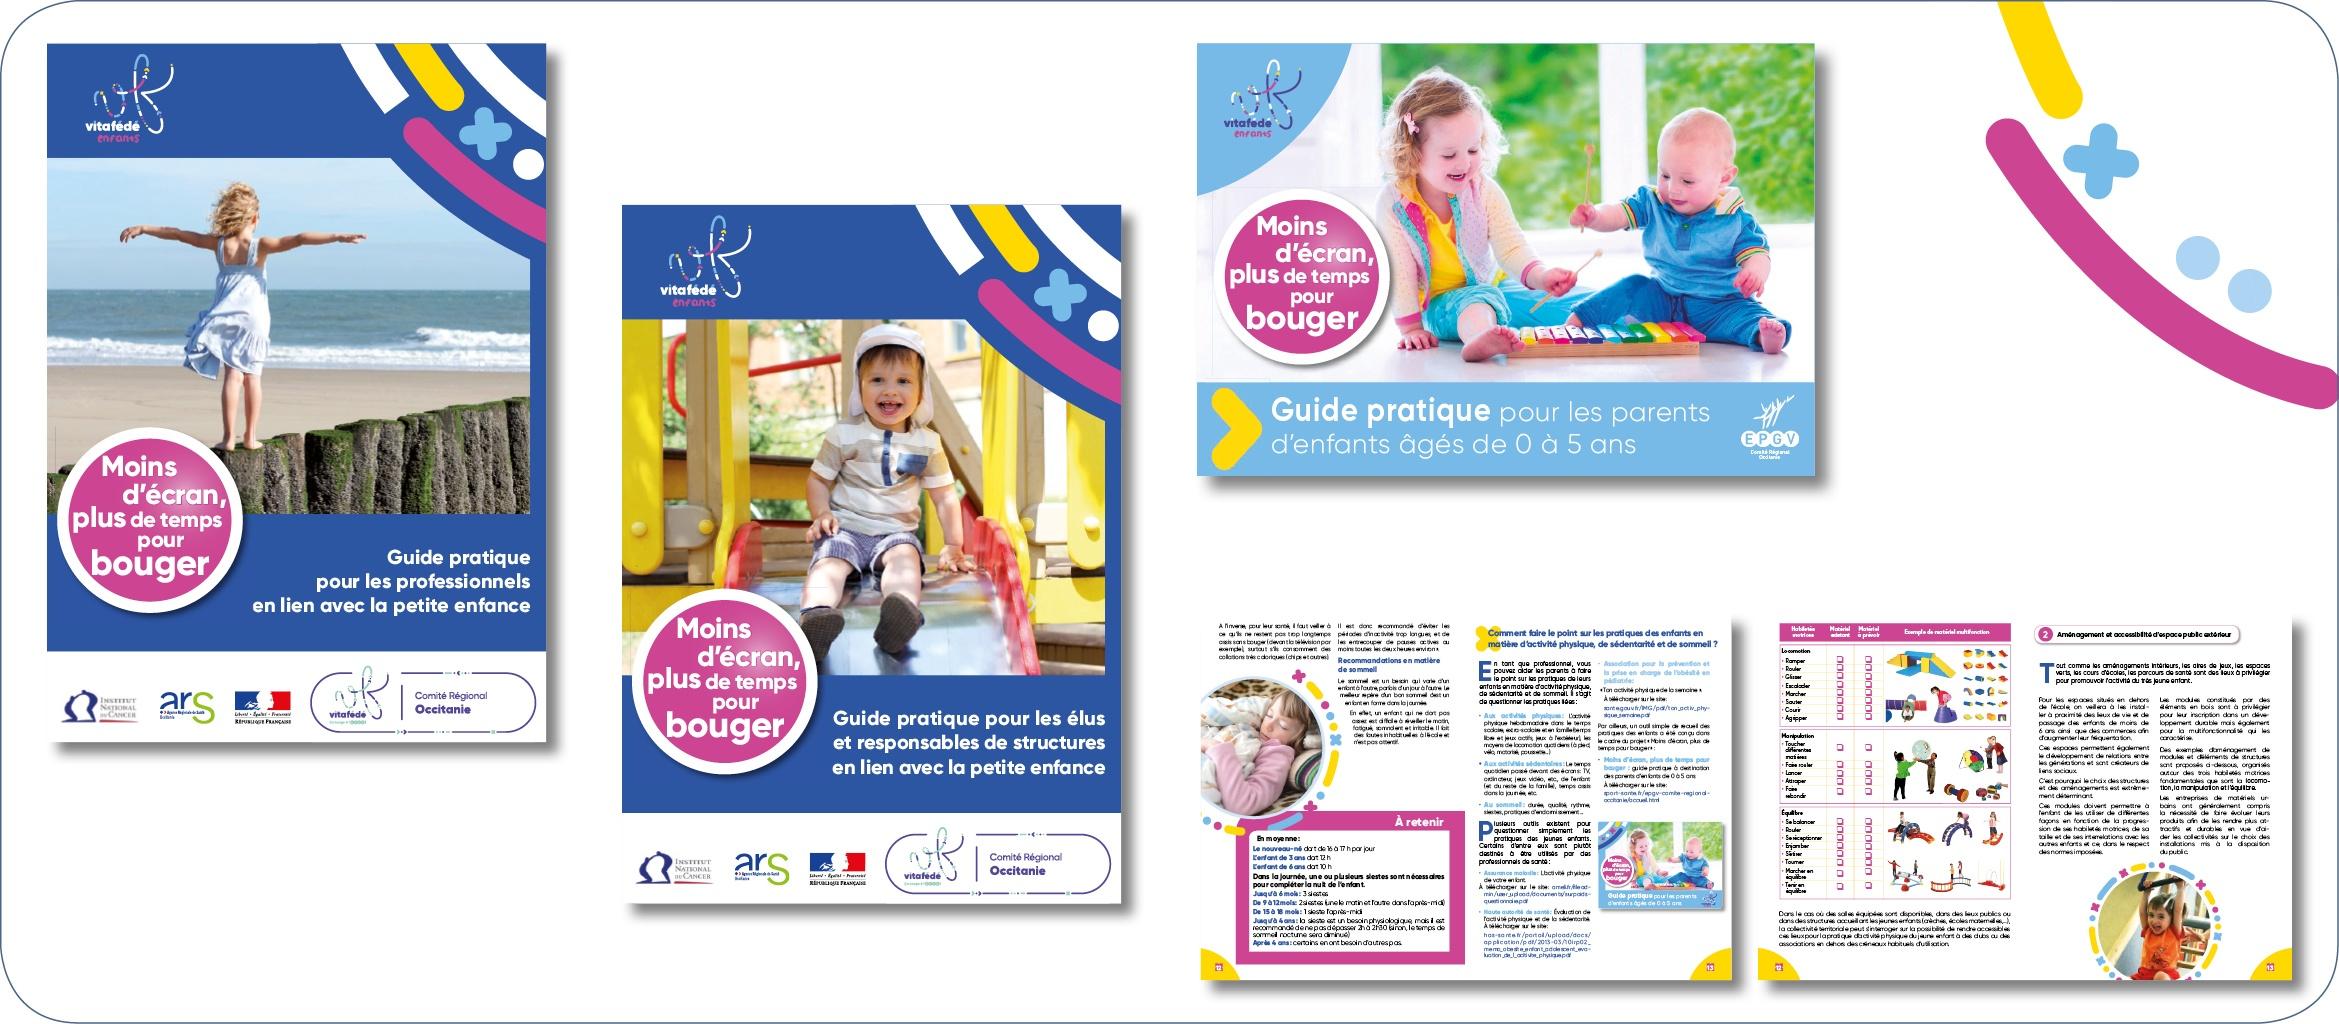 À l'initiative de l'INC et de l'ARS, création de trois guides pratiques destinés à sensibiliser les professionnels de l'enfance, les institutions et les parents aux risques liés au manque d'activité physique et à l'usage des écrans chez les plus jeunes.